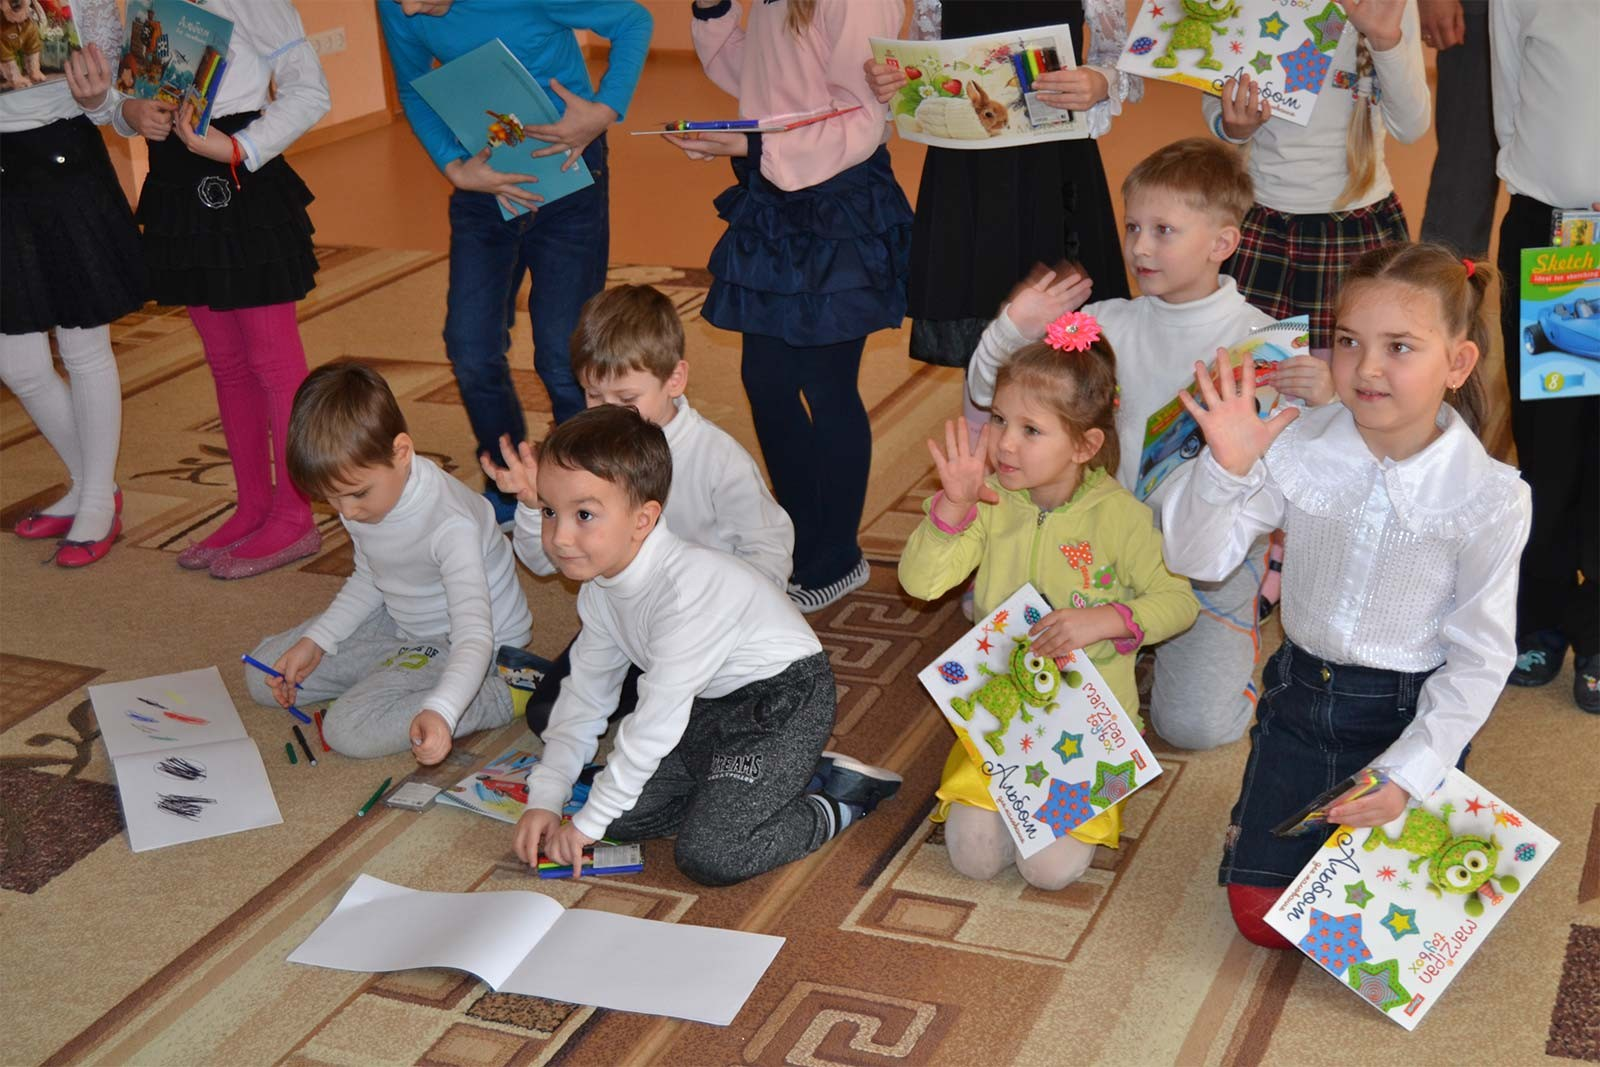 За виручені кошти купили фломастери та альбоми для малювання вихованцям підшефного навчально-реабілітаційного центру «Надія».